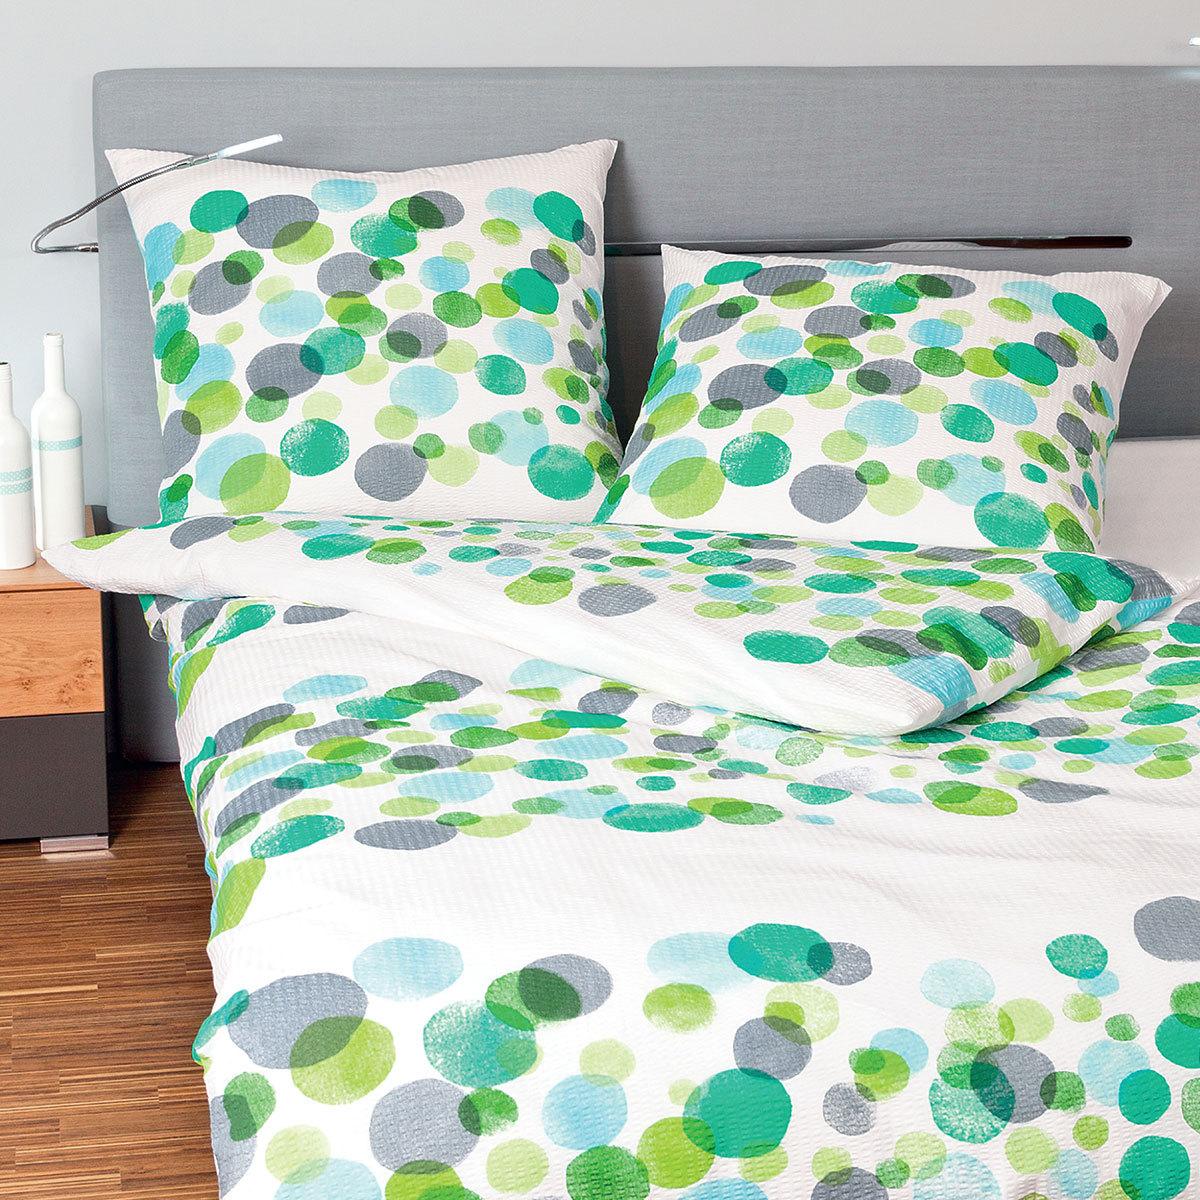 bettw sche seersucker gr n preisvergleich die besten angebote online kaufen. Black Bedroom Furniture Sets. Home Design Ideas